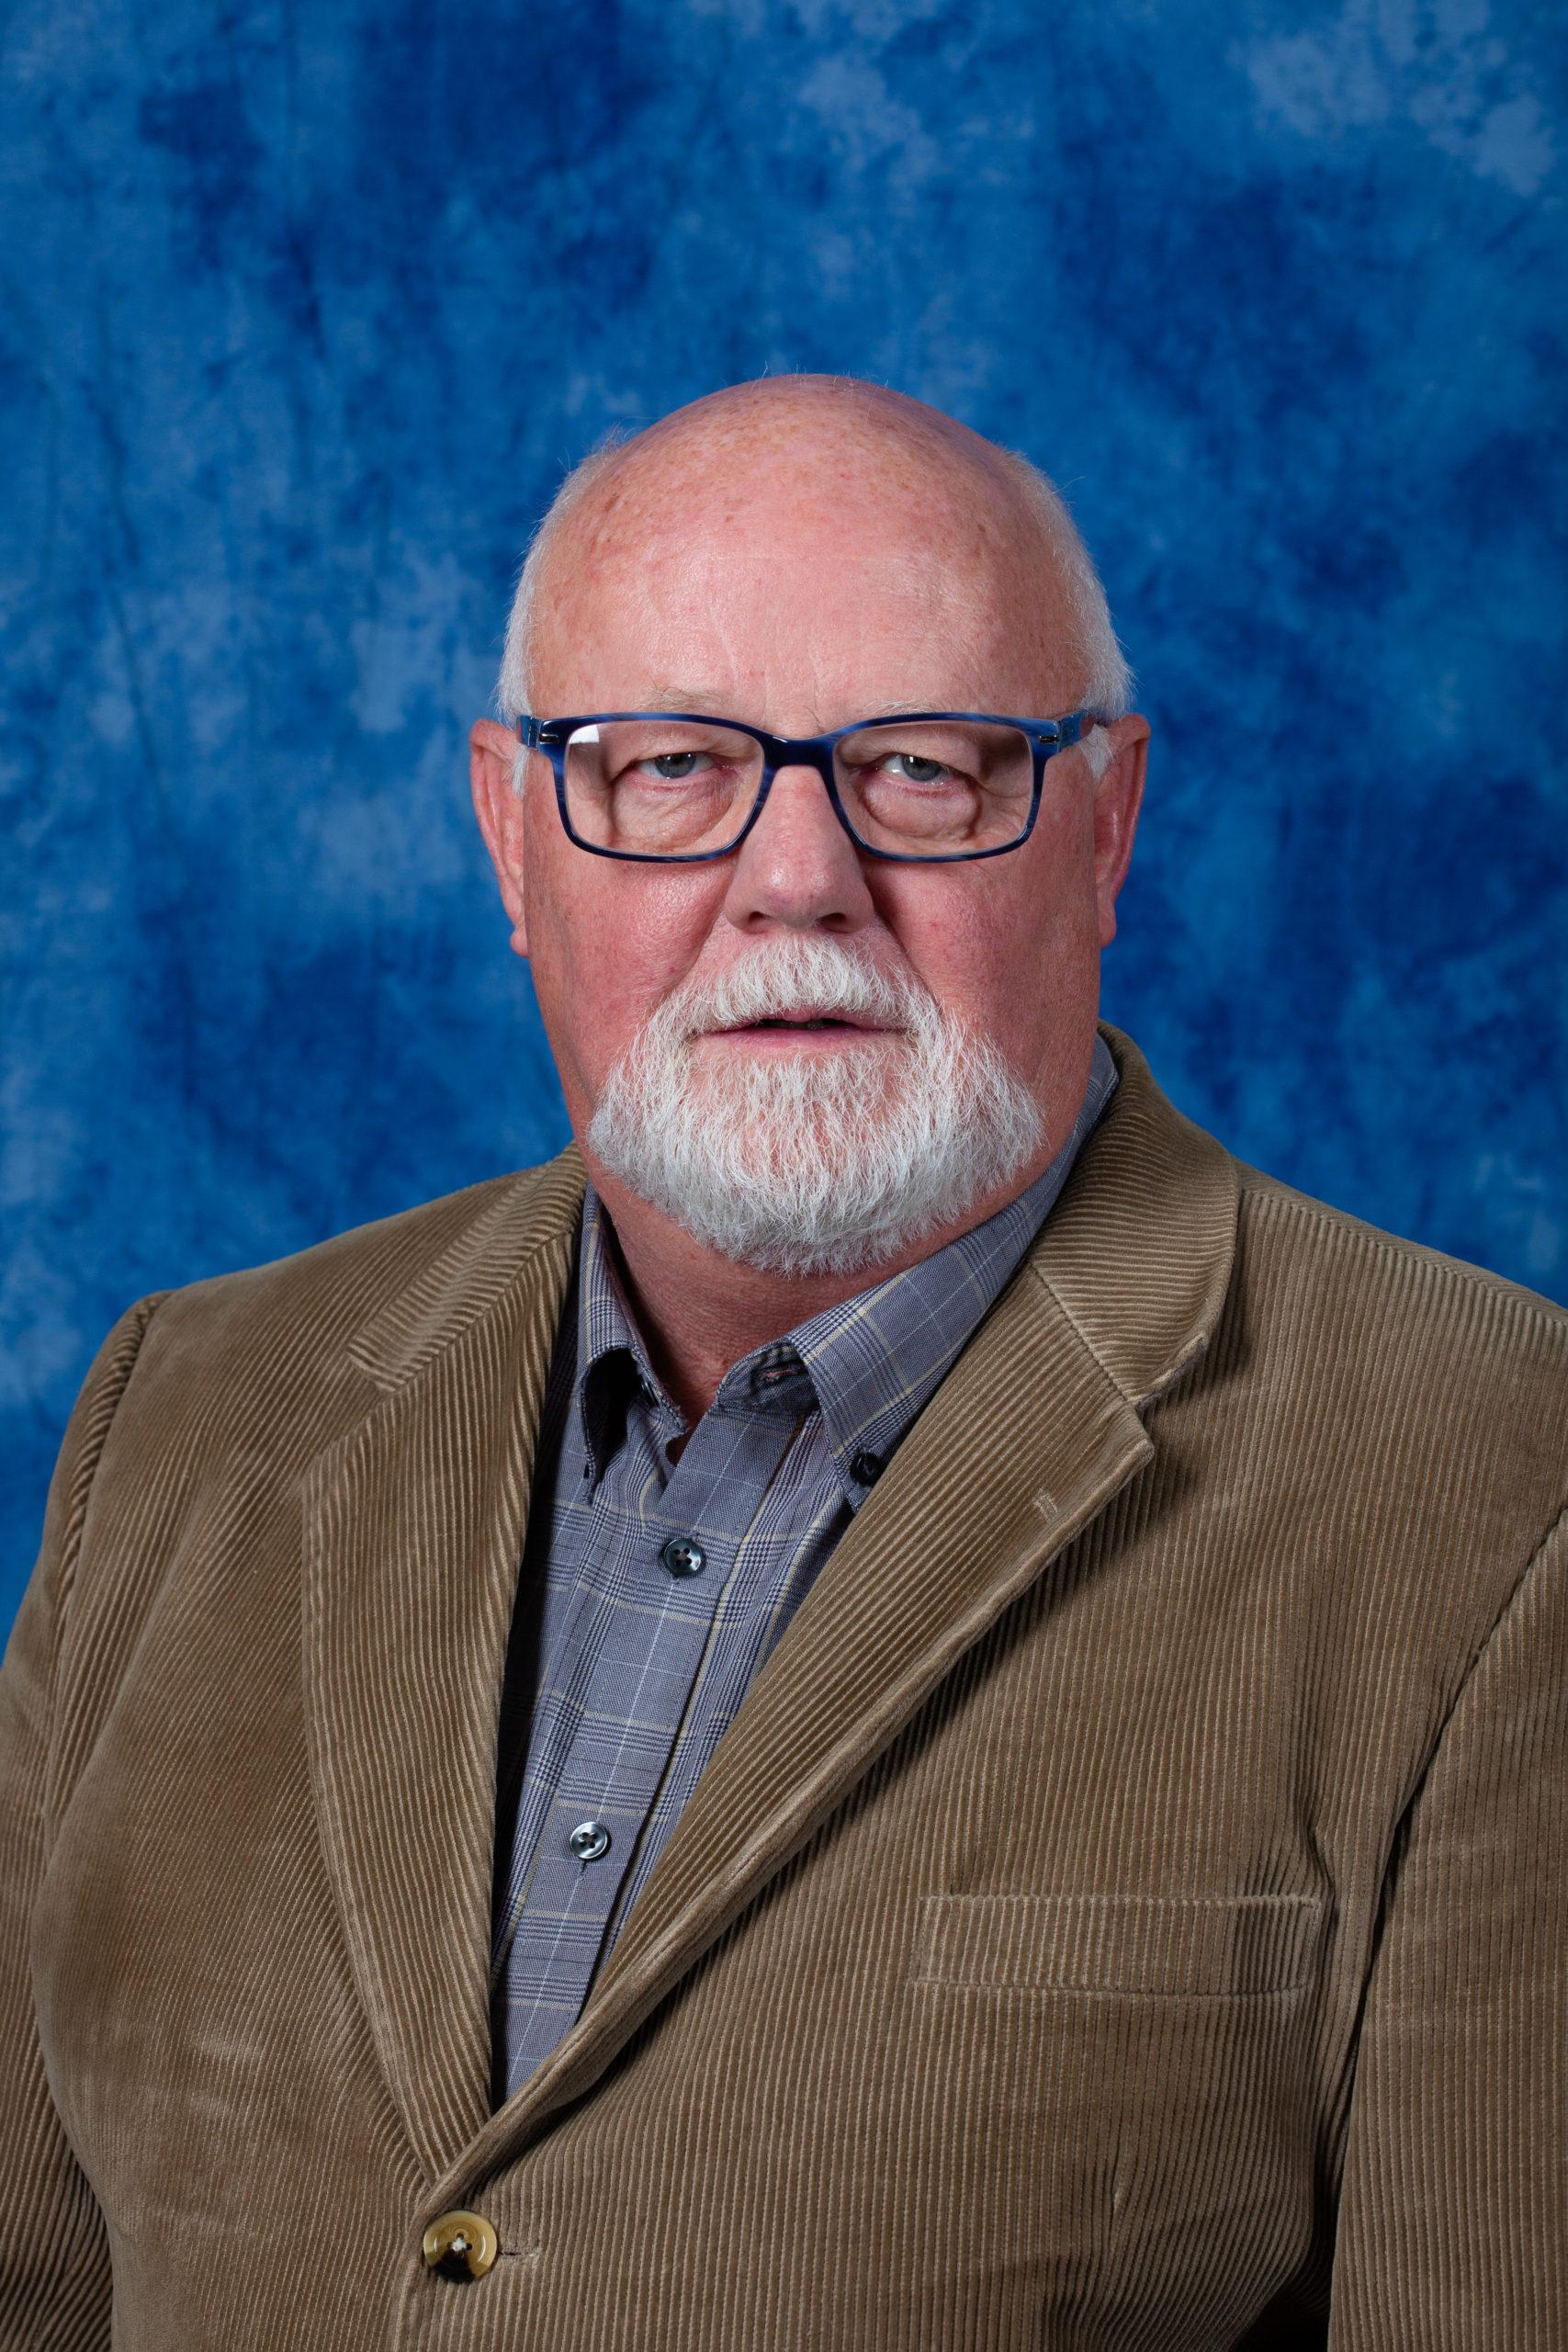 Steve Stuller